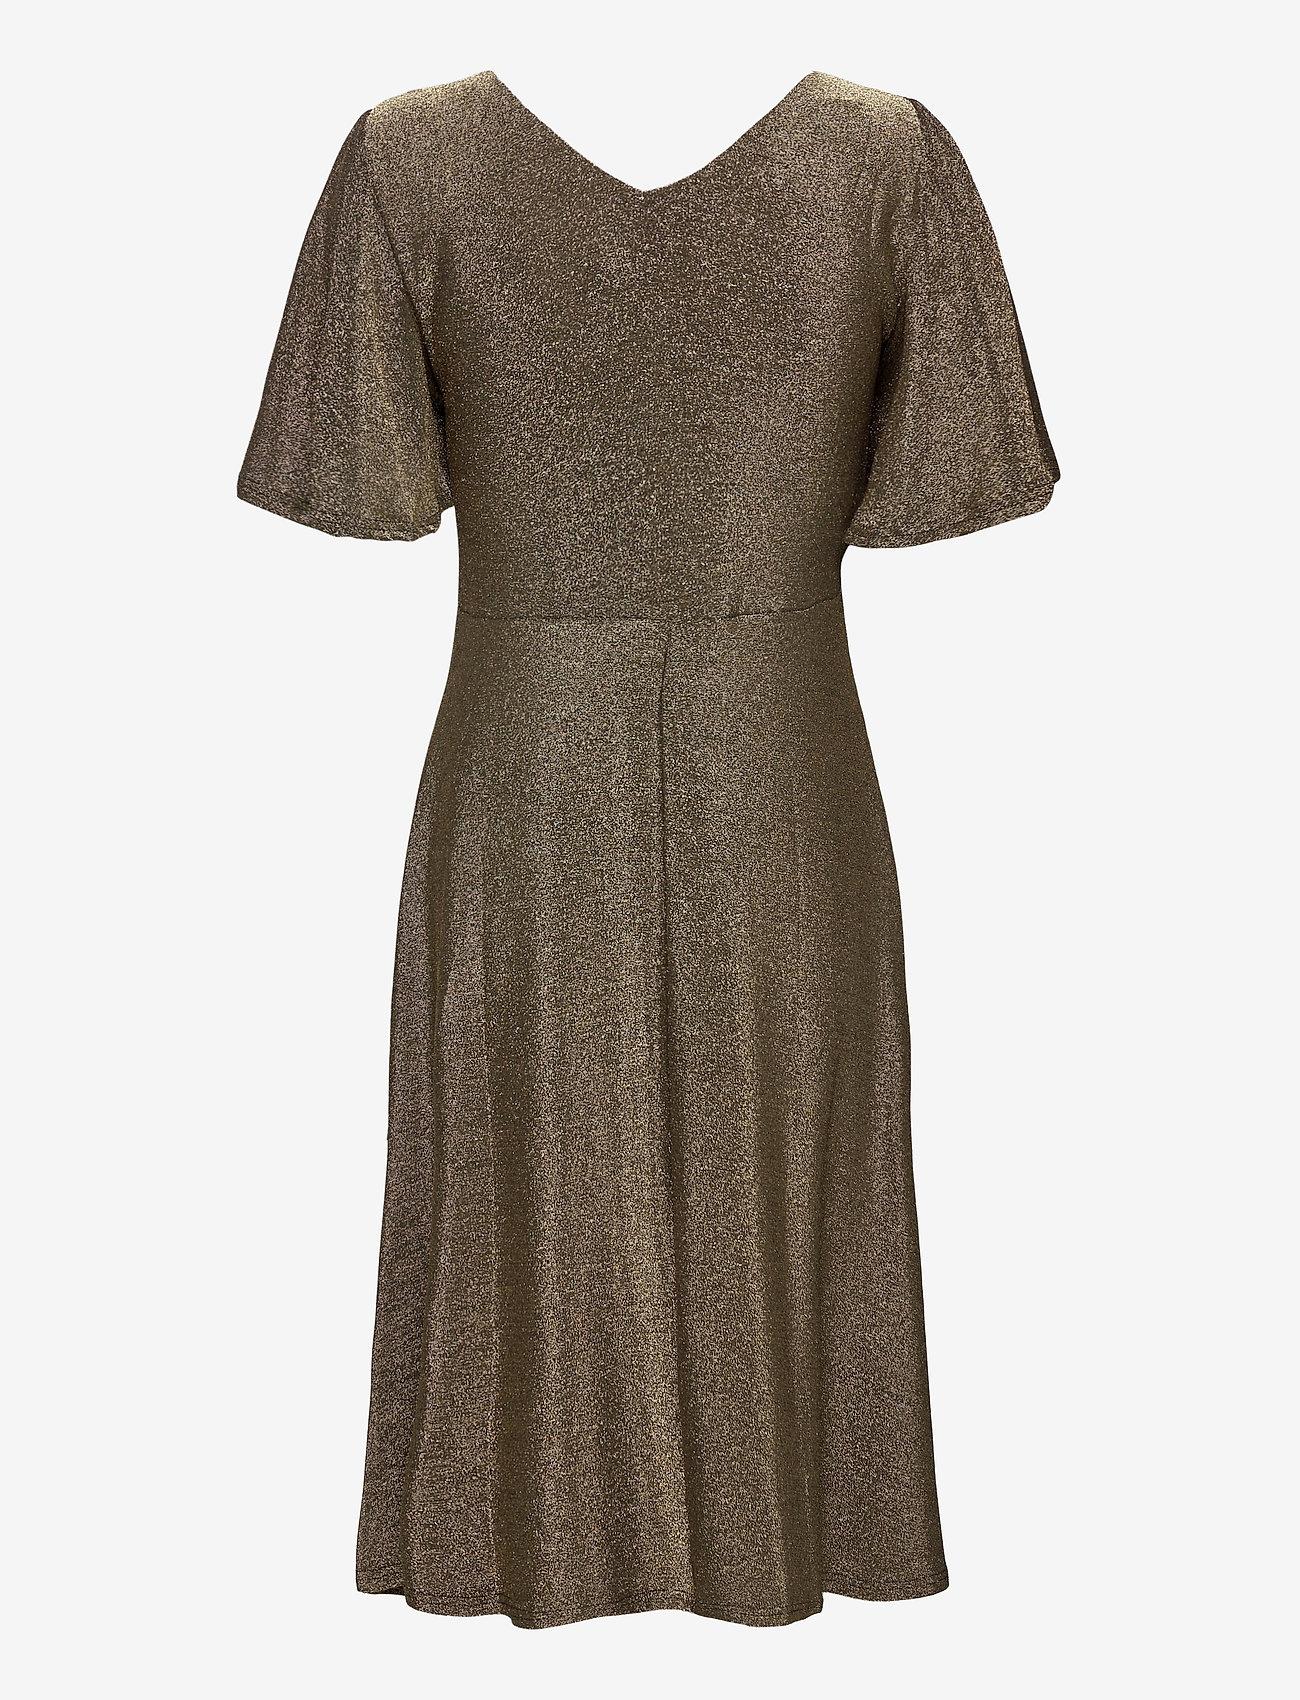 Crminu Short Dress (Gold Lurex) (89.95 €) - Cream saBGM